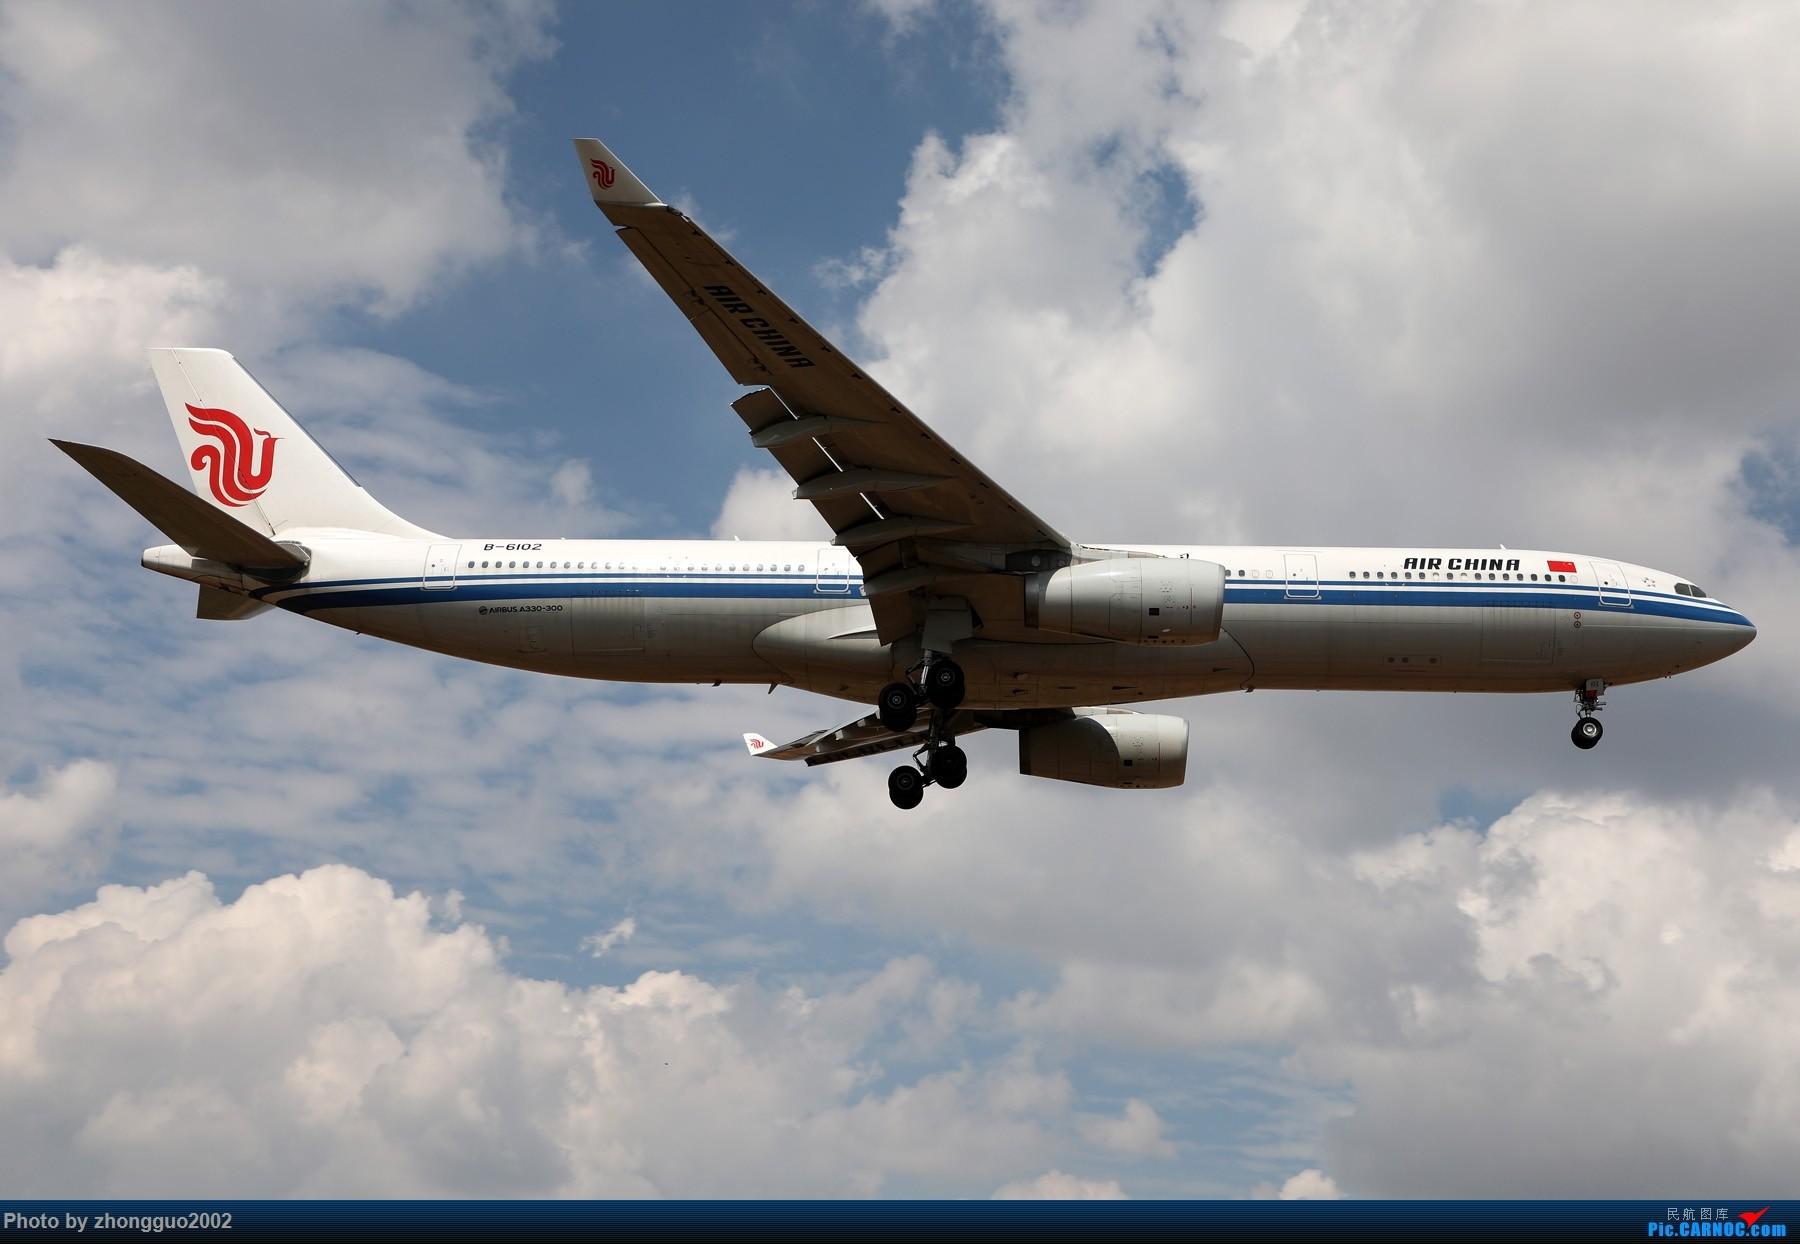 [原创]国航 333-6102 鄂尔多斯飞本场 AIRBUS A330-300 B-6102 中国鄂尔多斯伊金霍洛机场